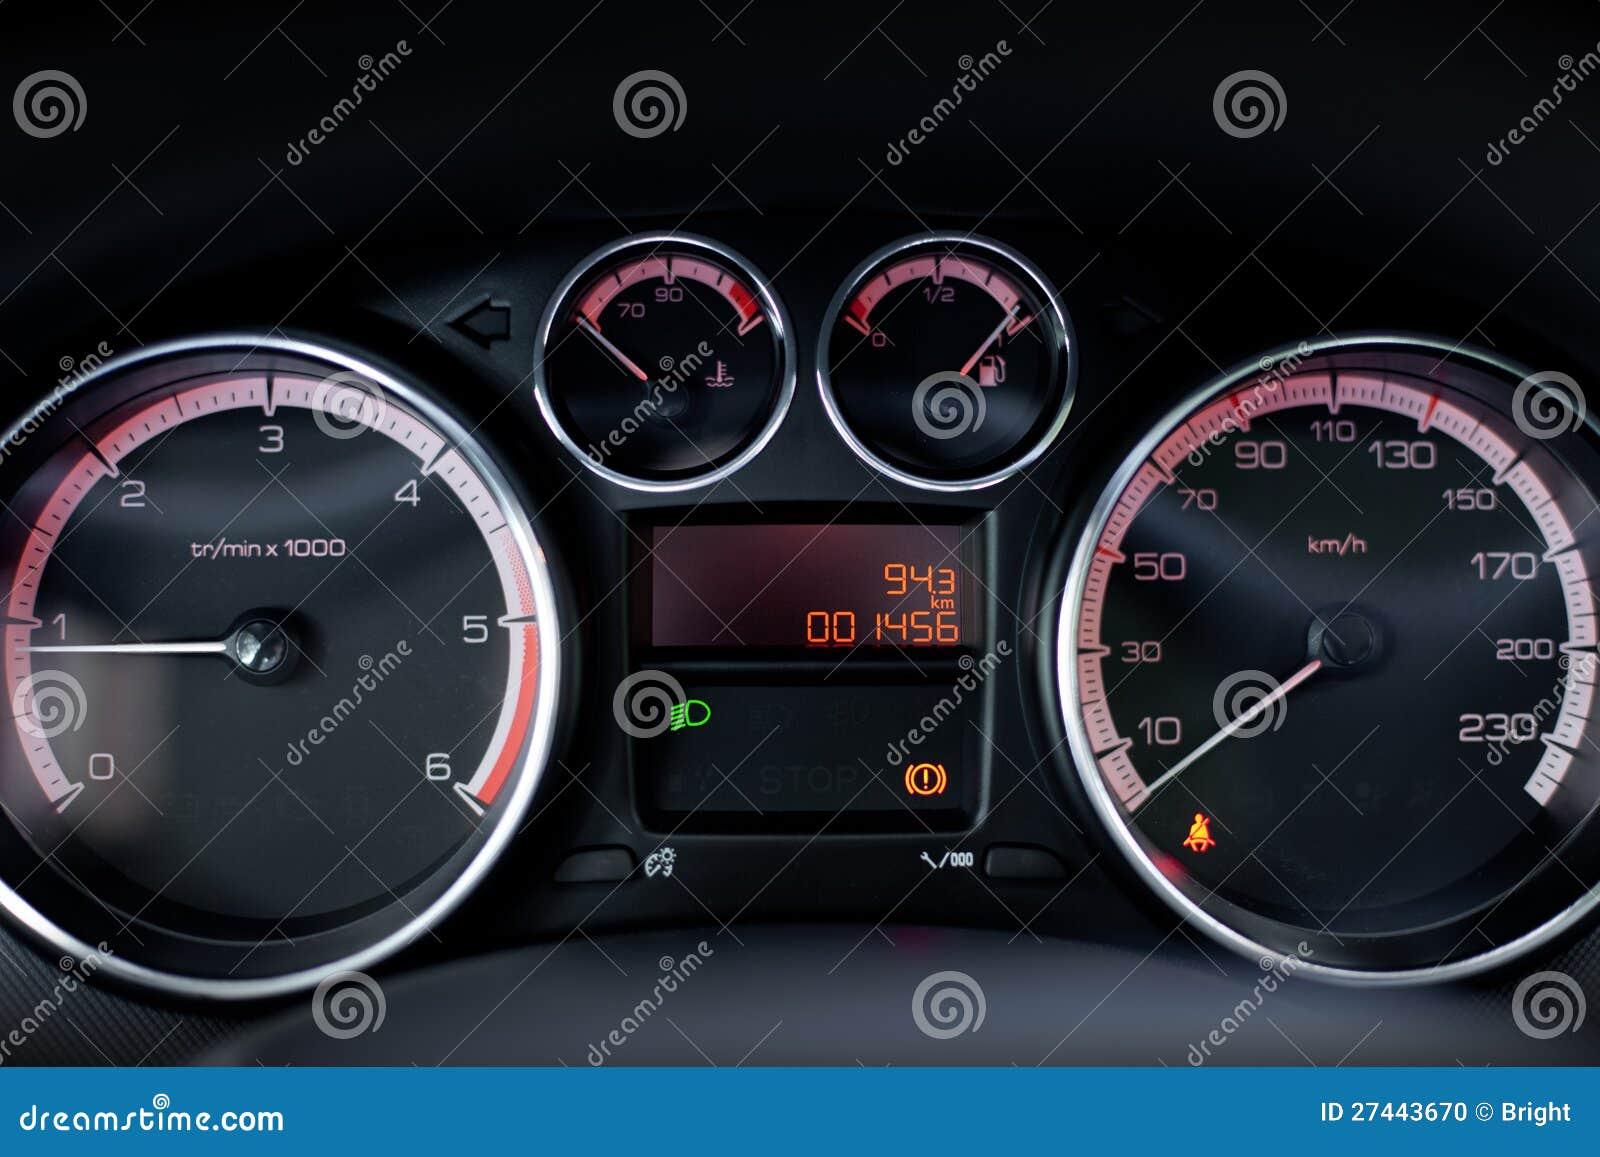 Car Cockpit Stock Photo - Image: 27443670 | {Auto cockpit 18}